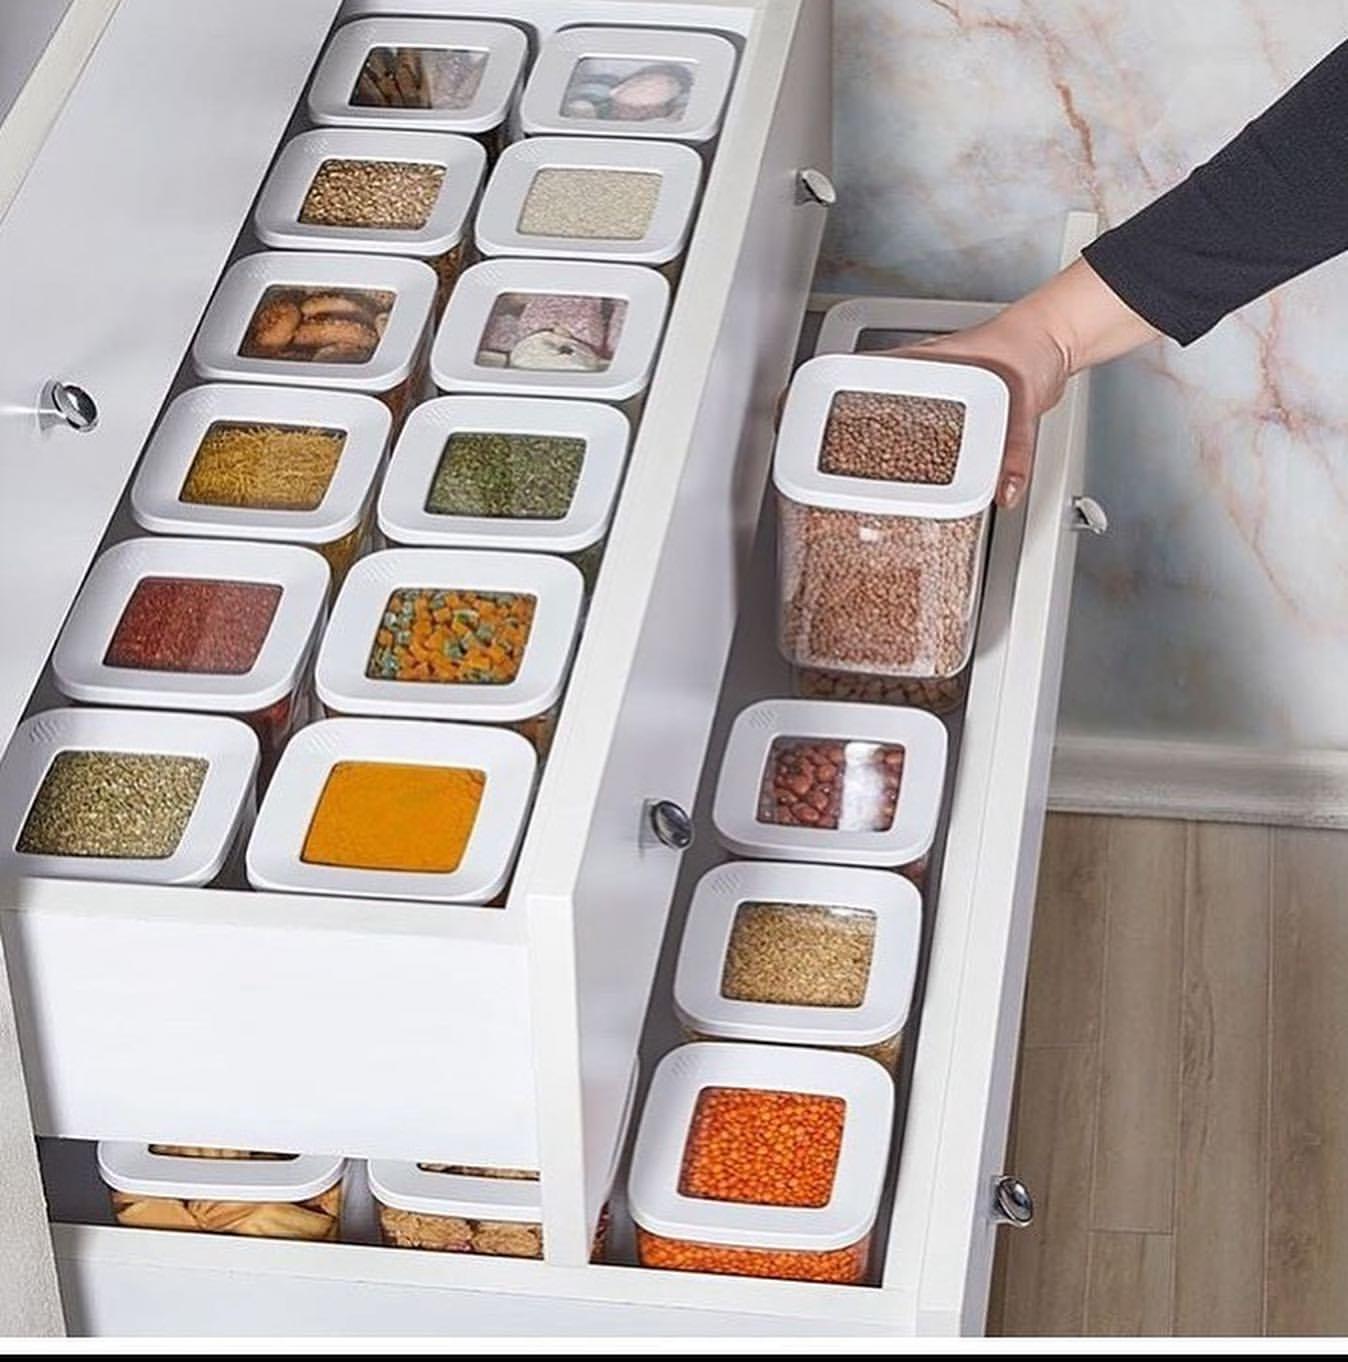 12 قطع منظم مطبخ صندوق تخزين عالية الجودة علبة الغذاء مجموعة فراغ غطاء مخزن زجاجة التوابل البقوليات السباغيتي الأرز الحبوب